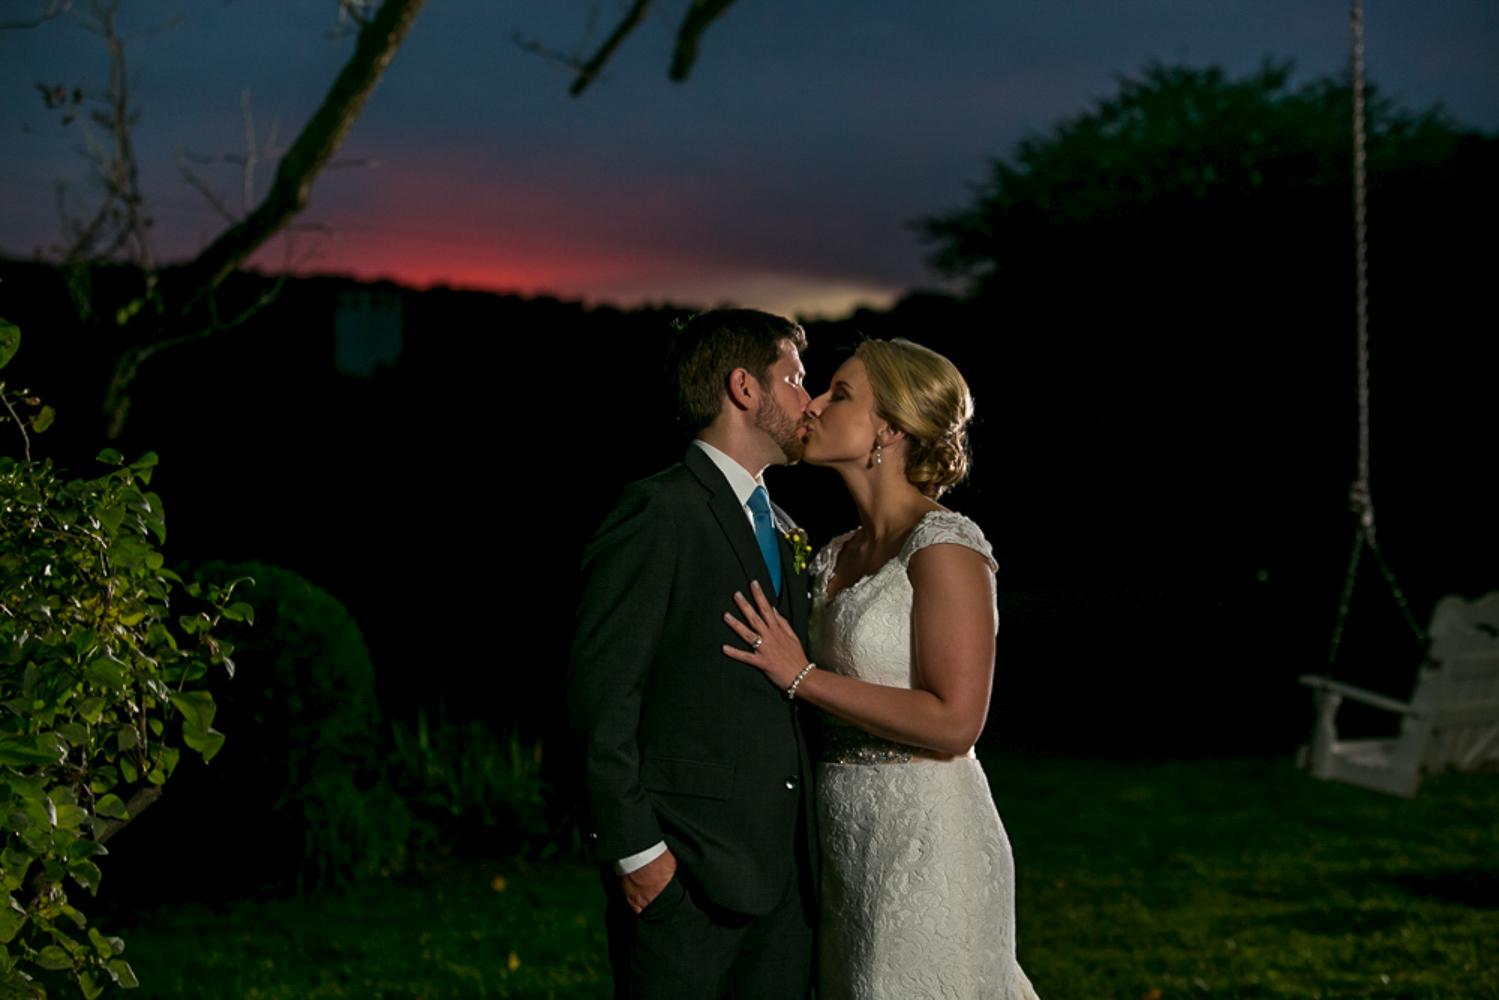 washington dc engagement photography-44.jpg